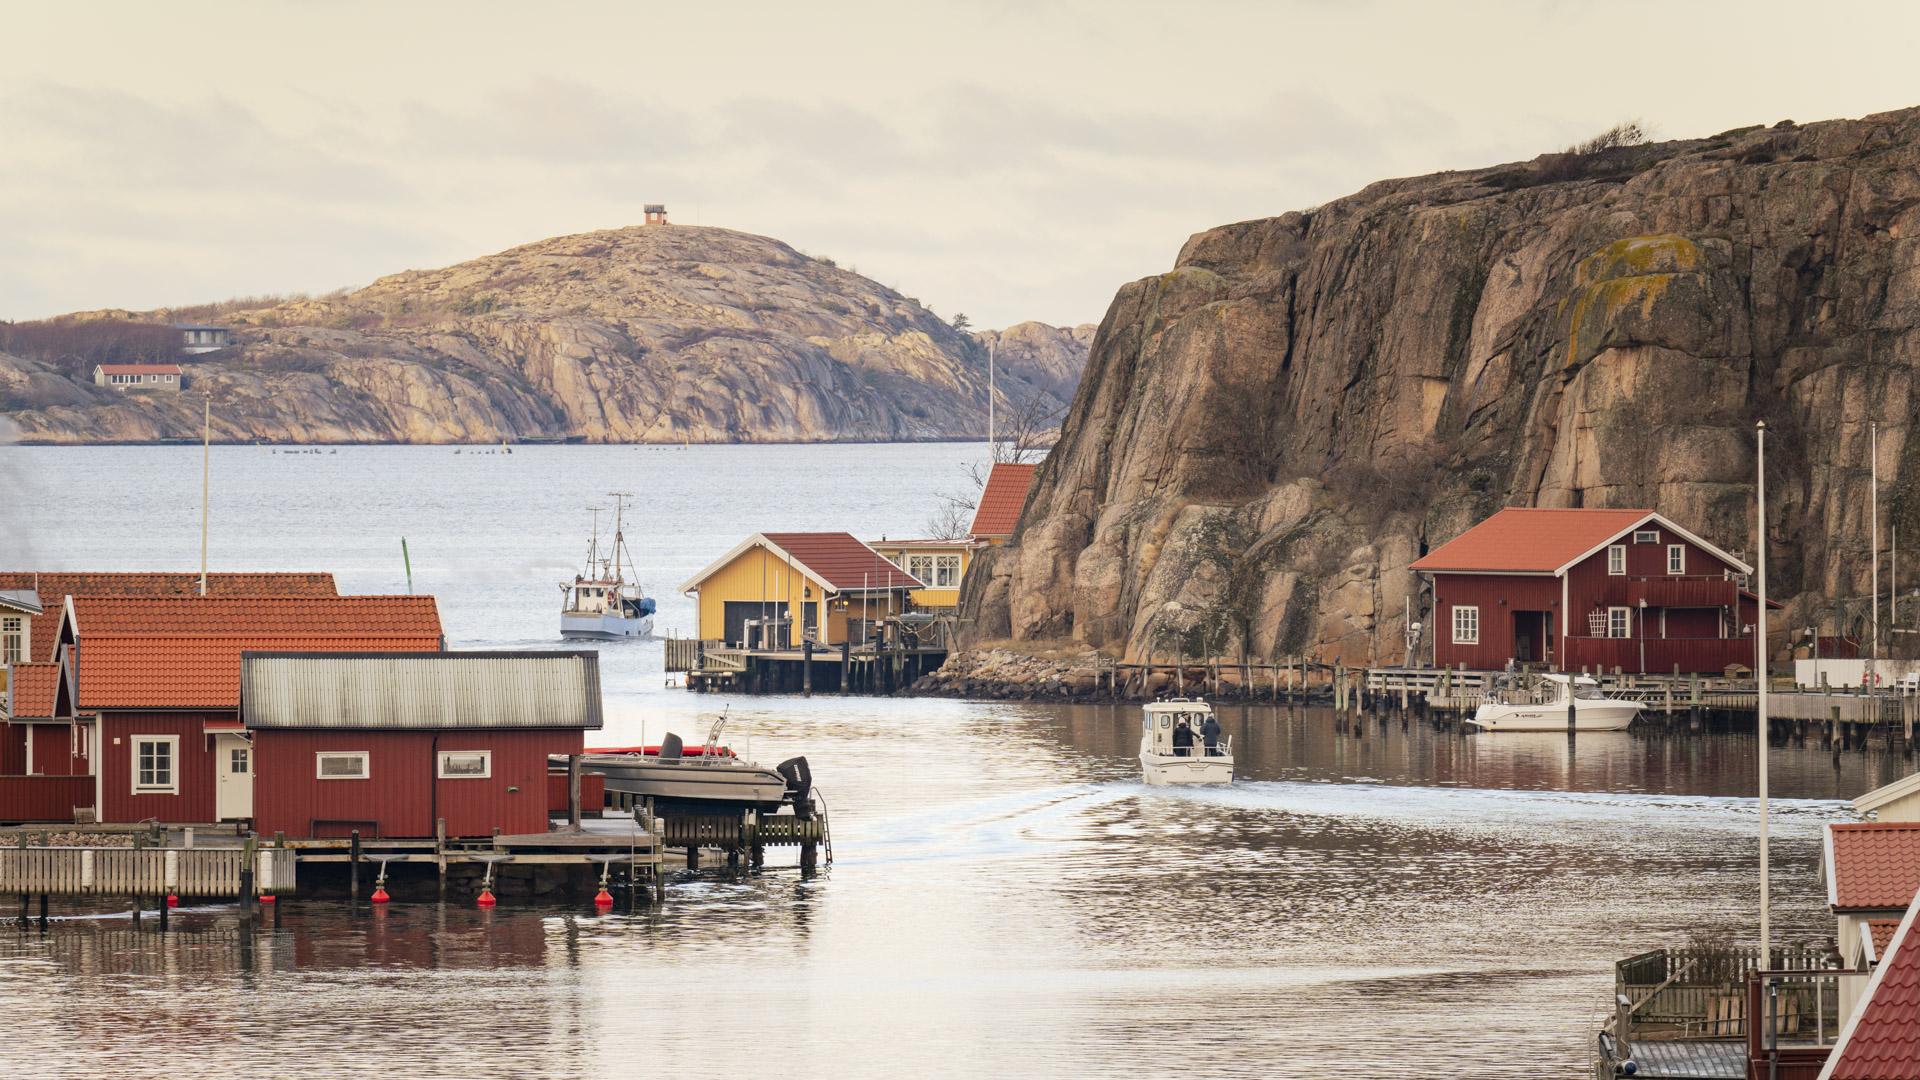 Kustens Trä - Trä för kustlandskapet